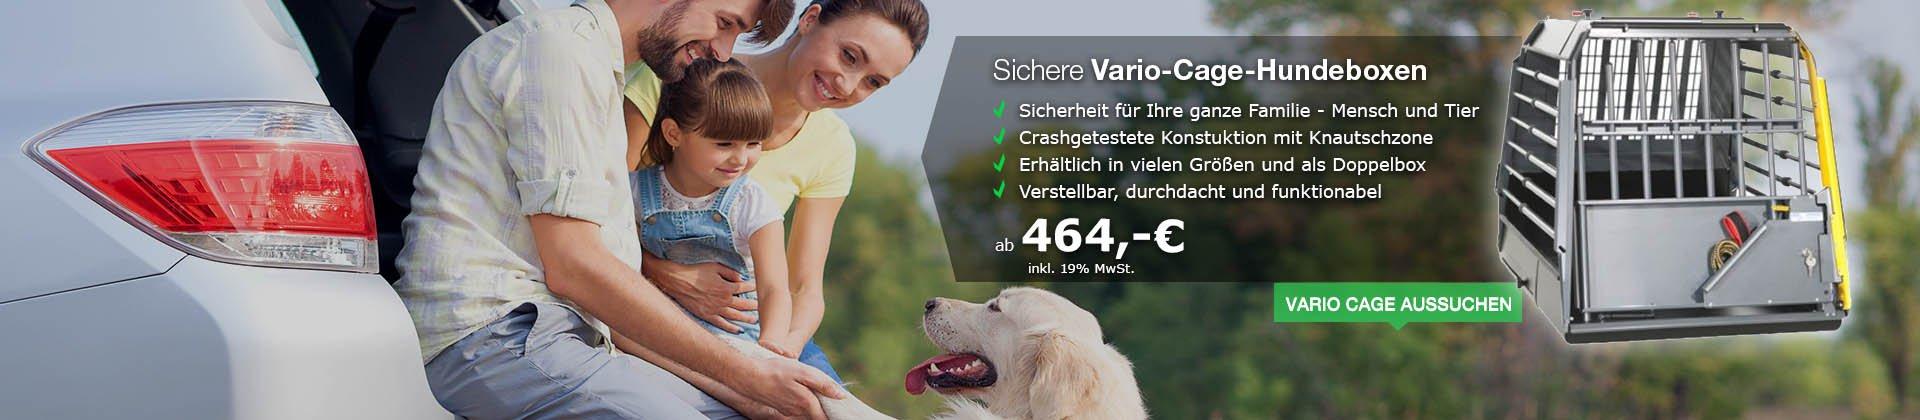 Vario-Cage-Hundebox: Knautschzonen-Sicherheit für Mensch und Tier und Hundebox